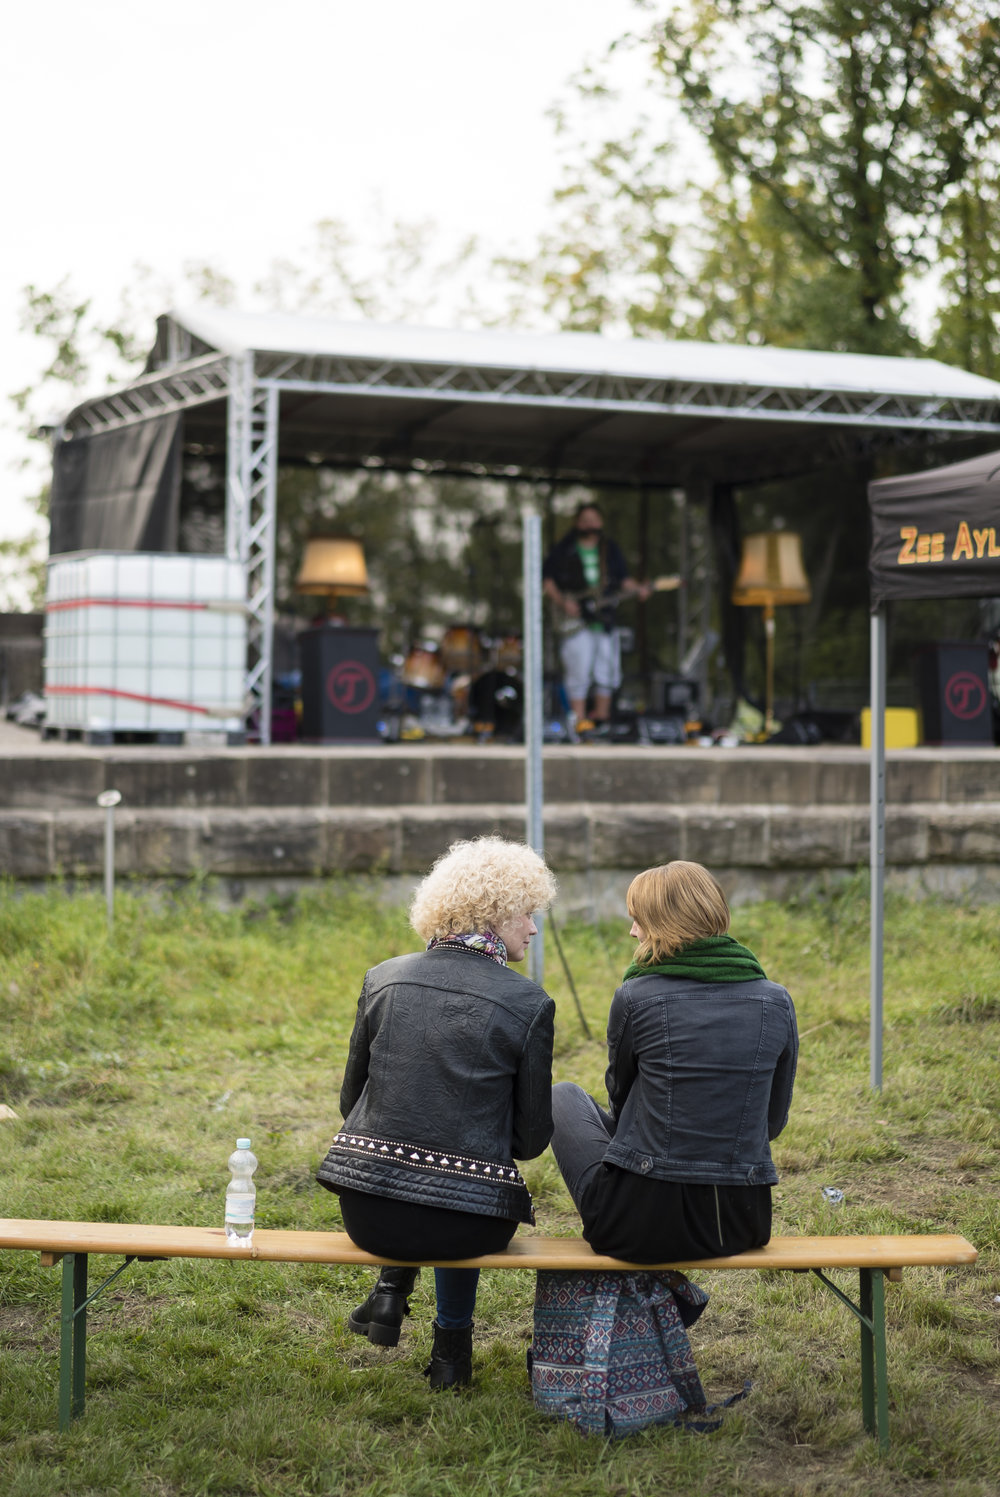 """Die hügeligste Stadt im Pott! - Und auf einem der ,,Berge"""" findet jährlich das besuchenswerte Wehringhauser Schnurlos Festival statt. Dort wird dann mit Akku–betriebenen PAs (also schnurlos – höhö!) angeknüpft an die berühmte Musiktradition der Stadt."""